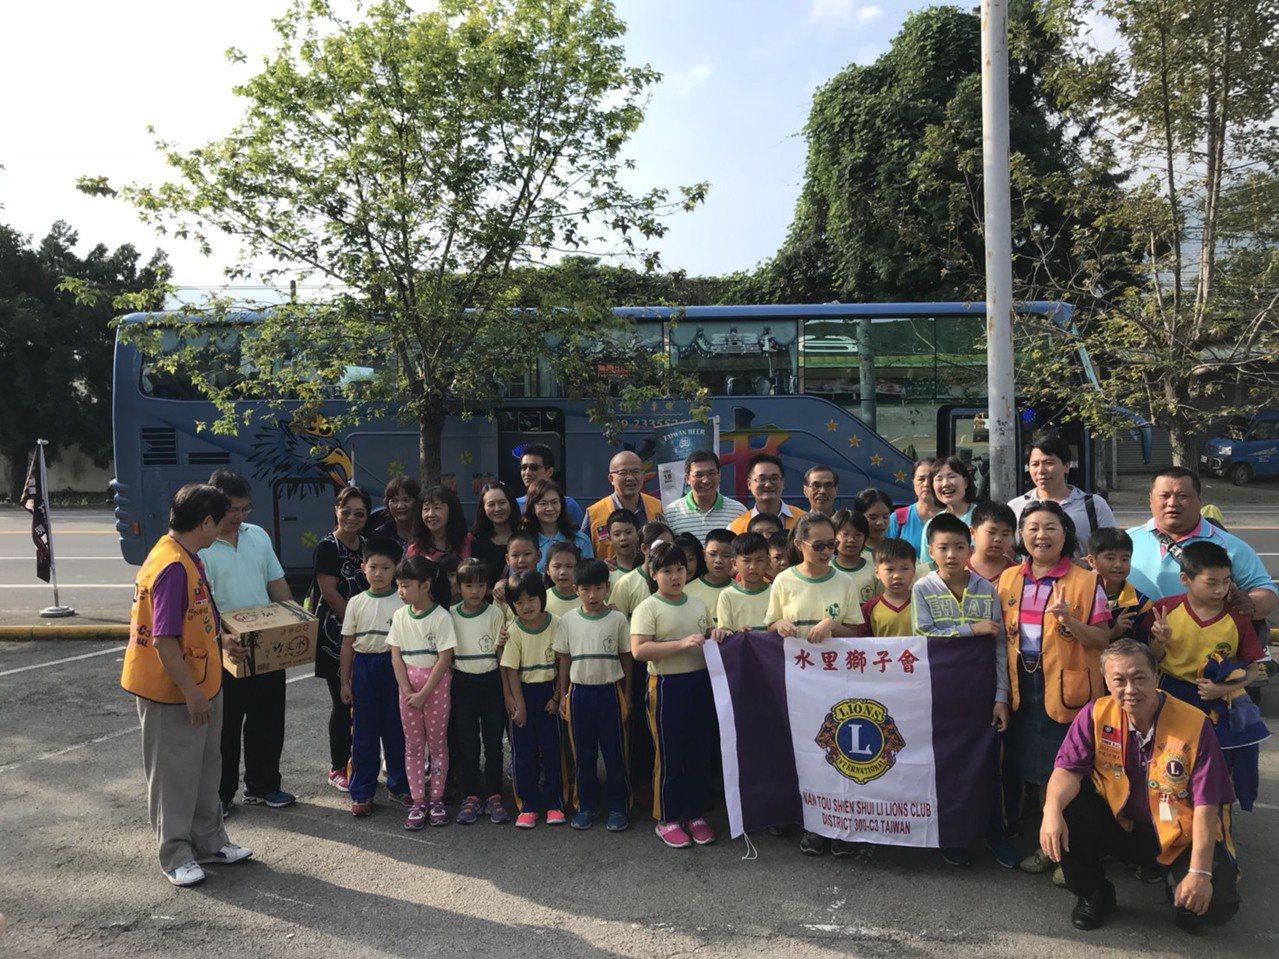 水里獅子會發起圓夢計畫,今天幫助42名郡坑國小學生到台南市參加二天一夜校外教學。...